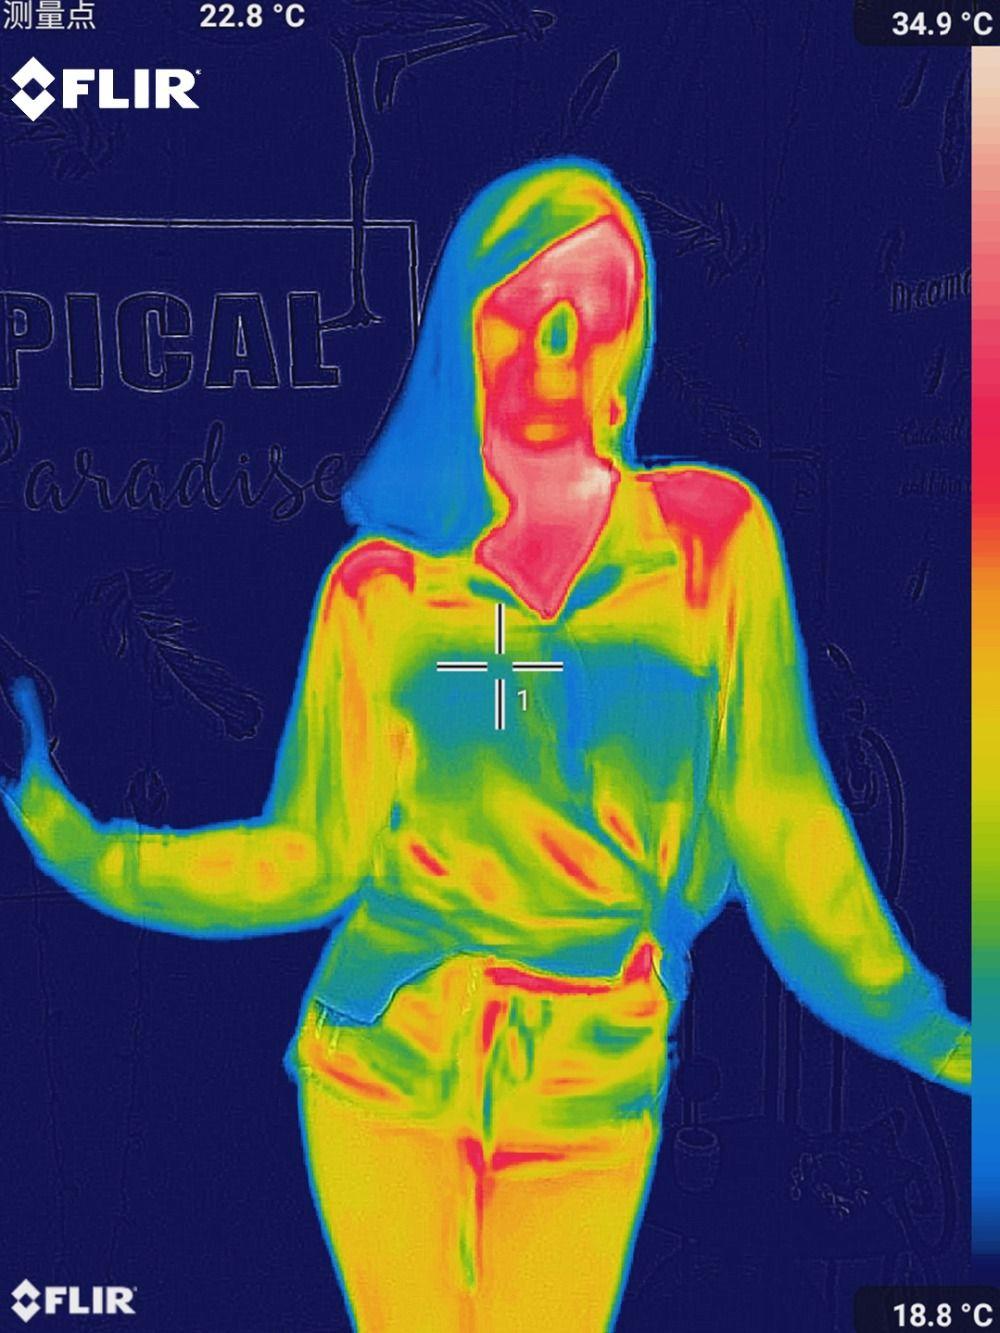 Thermische Imaging Kamera infrarot imager nachtsicht FLIR ONE PRO Verwenden für iphone ipad iOS oder Android